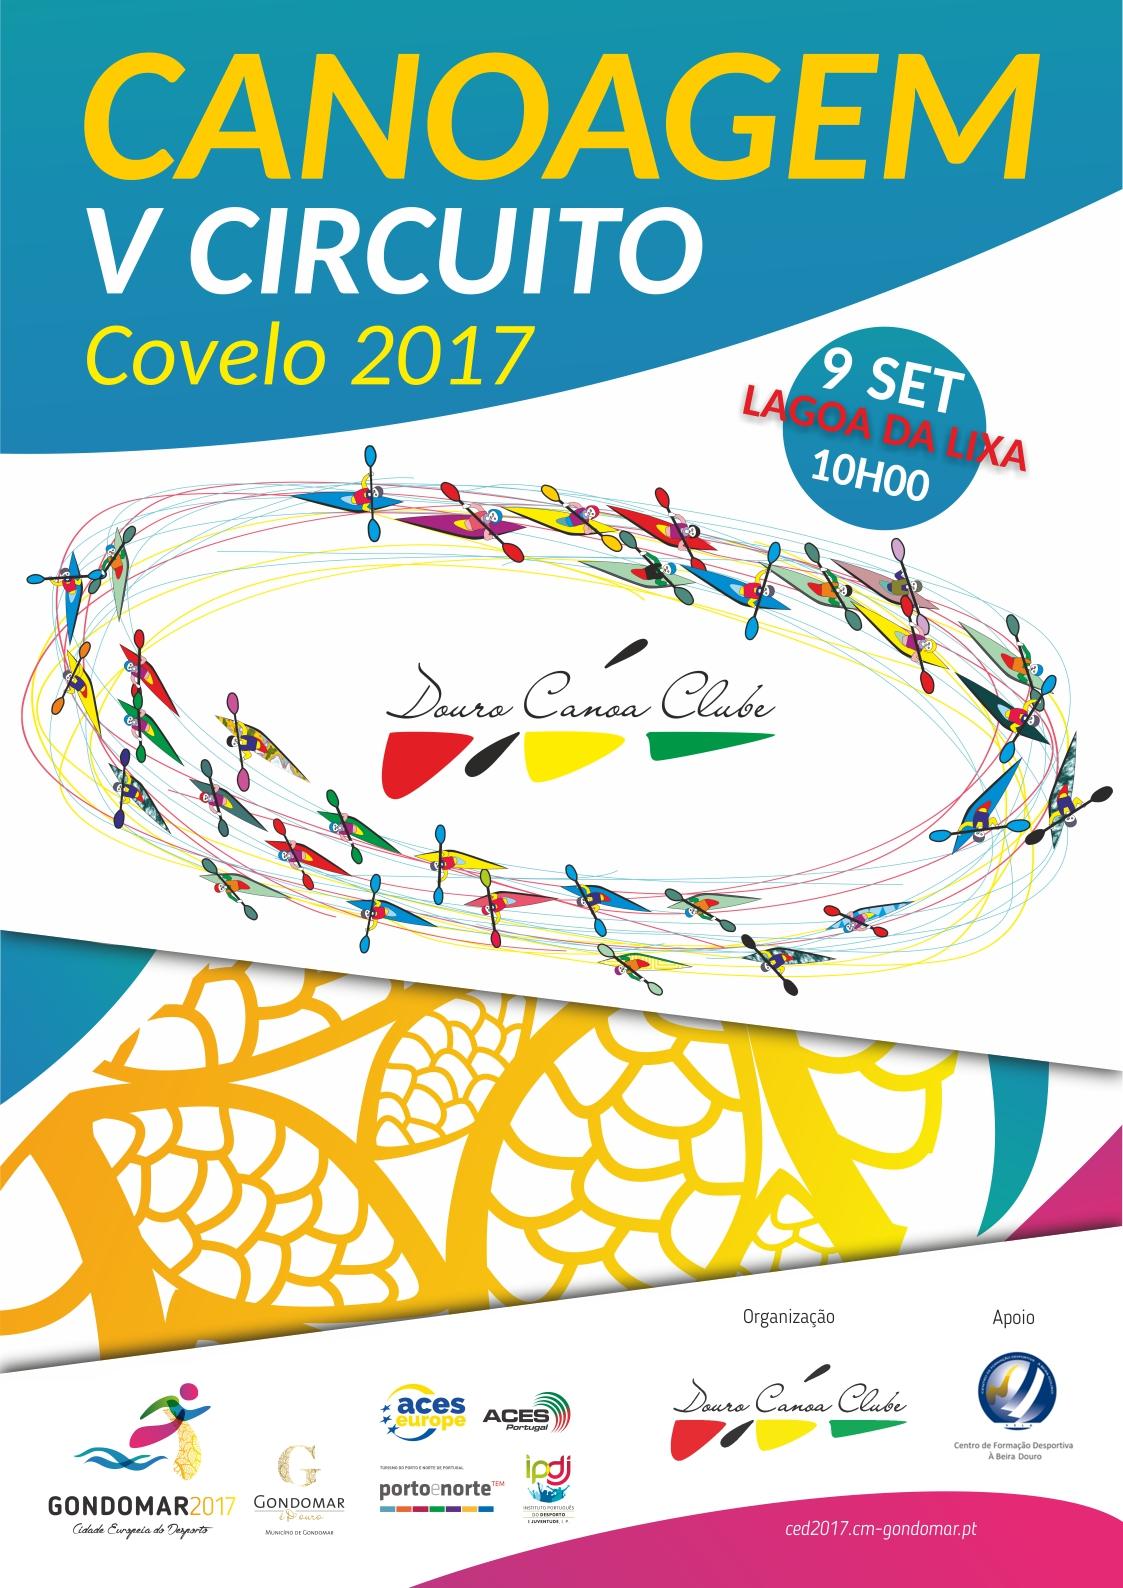 V Circuito de Covelo - Primeiras Pagaiadas blog Canoagem Douro Canoa Clube